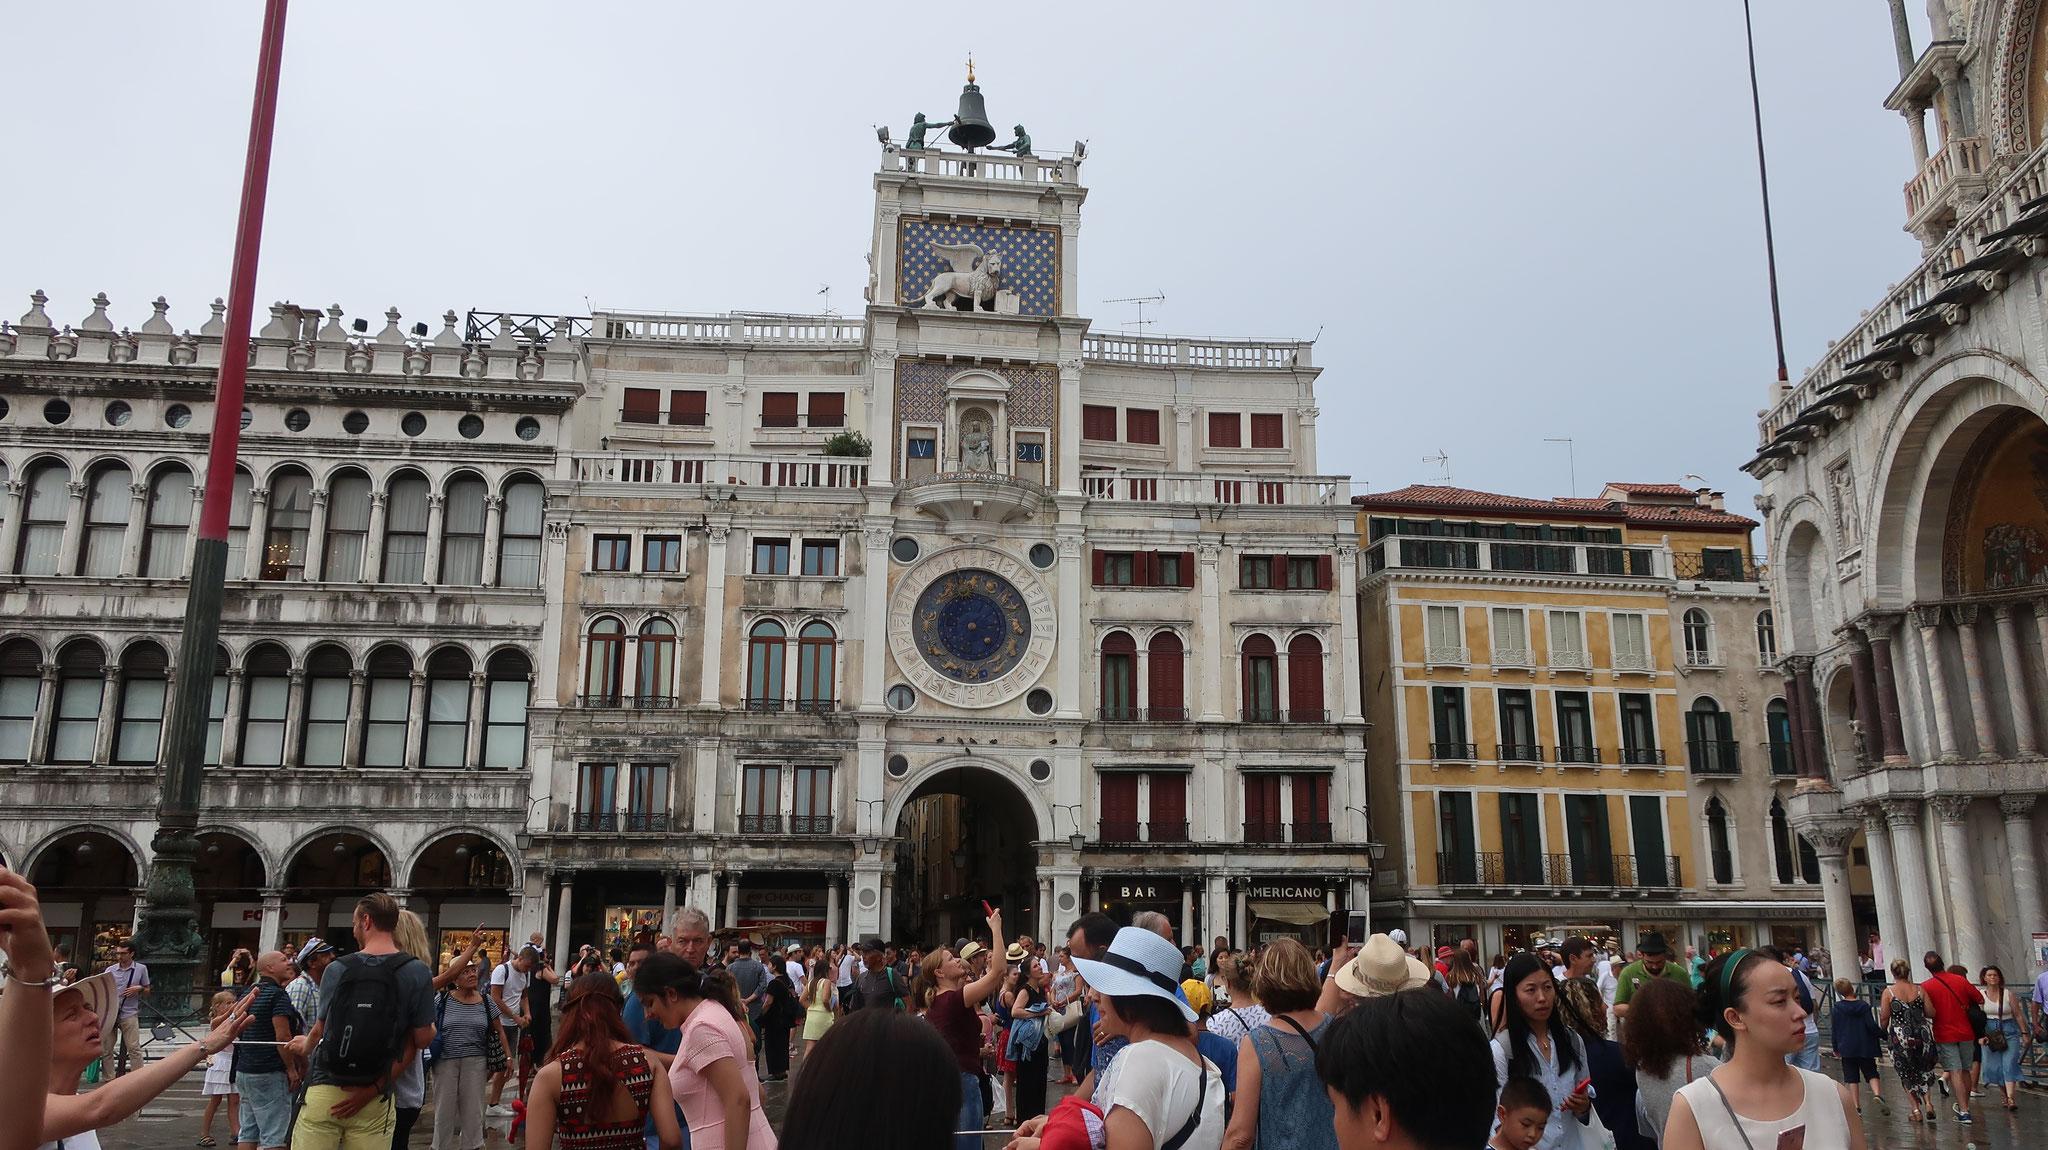 時計塔。天文時計と呼ばれます。 外周部分に24時間表示、内周部分には12星座が彫り込まれている。 水の都ヴェネツィアにおいて、航海の時期や潮の満ち引きを知る事が必要だったからです。